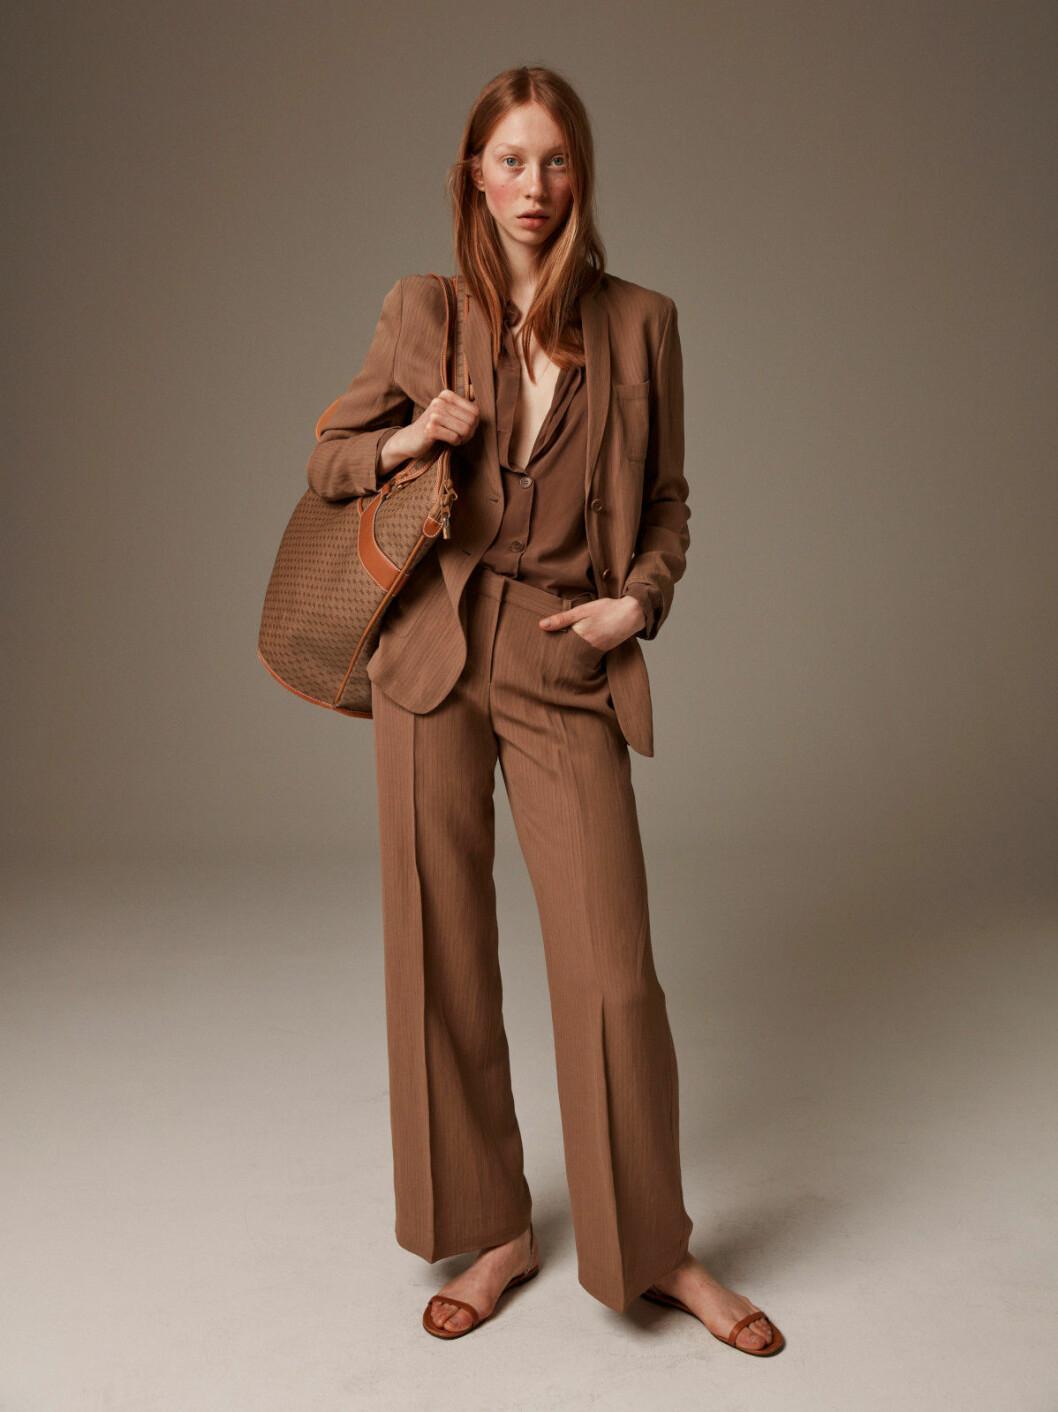 Kostym från Armani och väska från Gucci